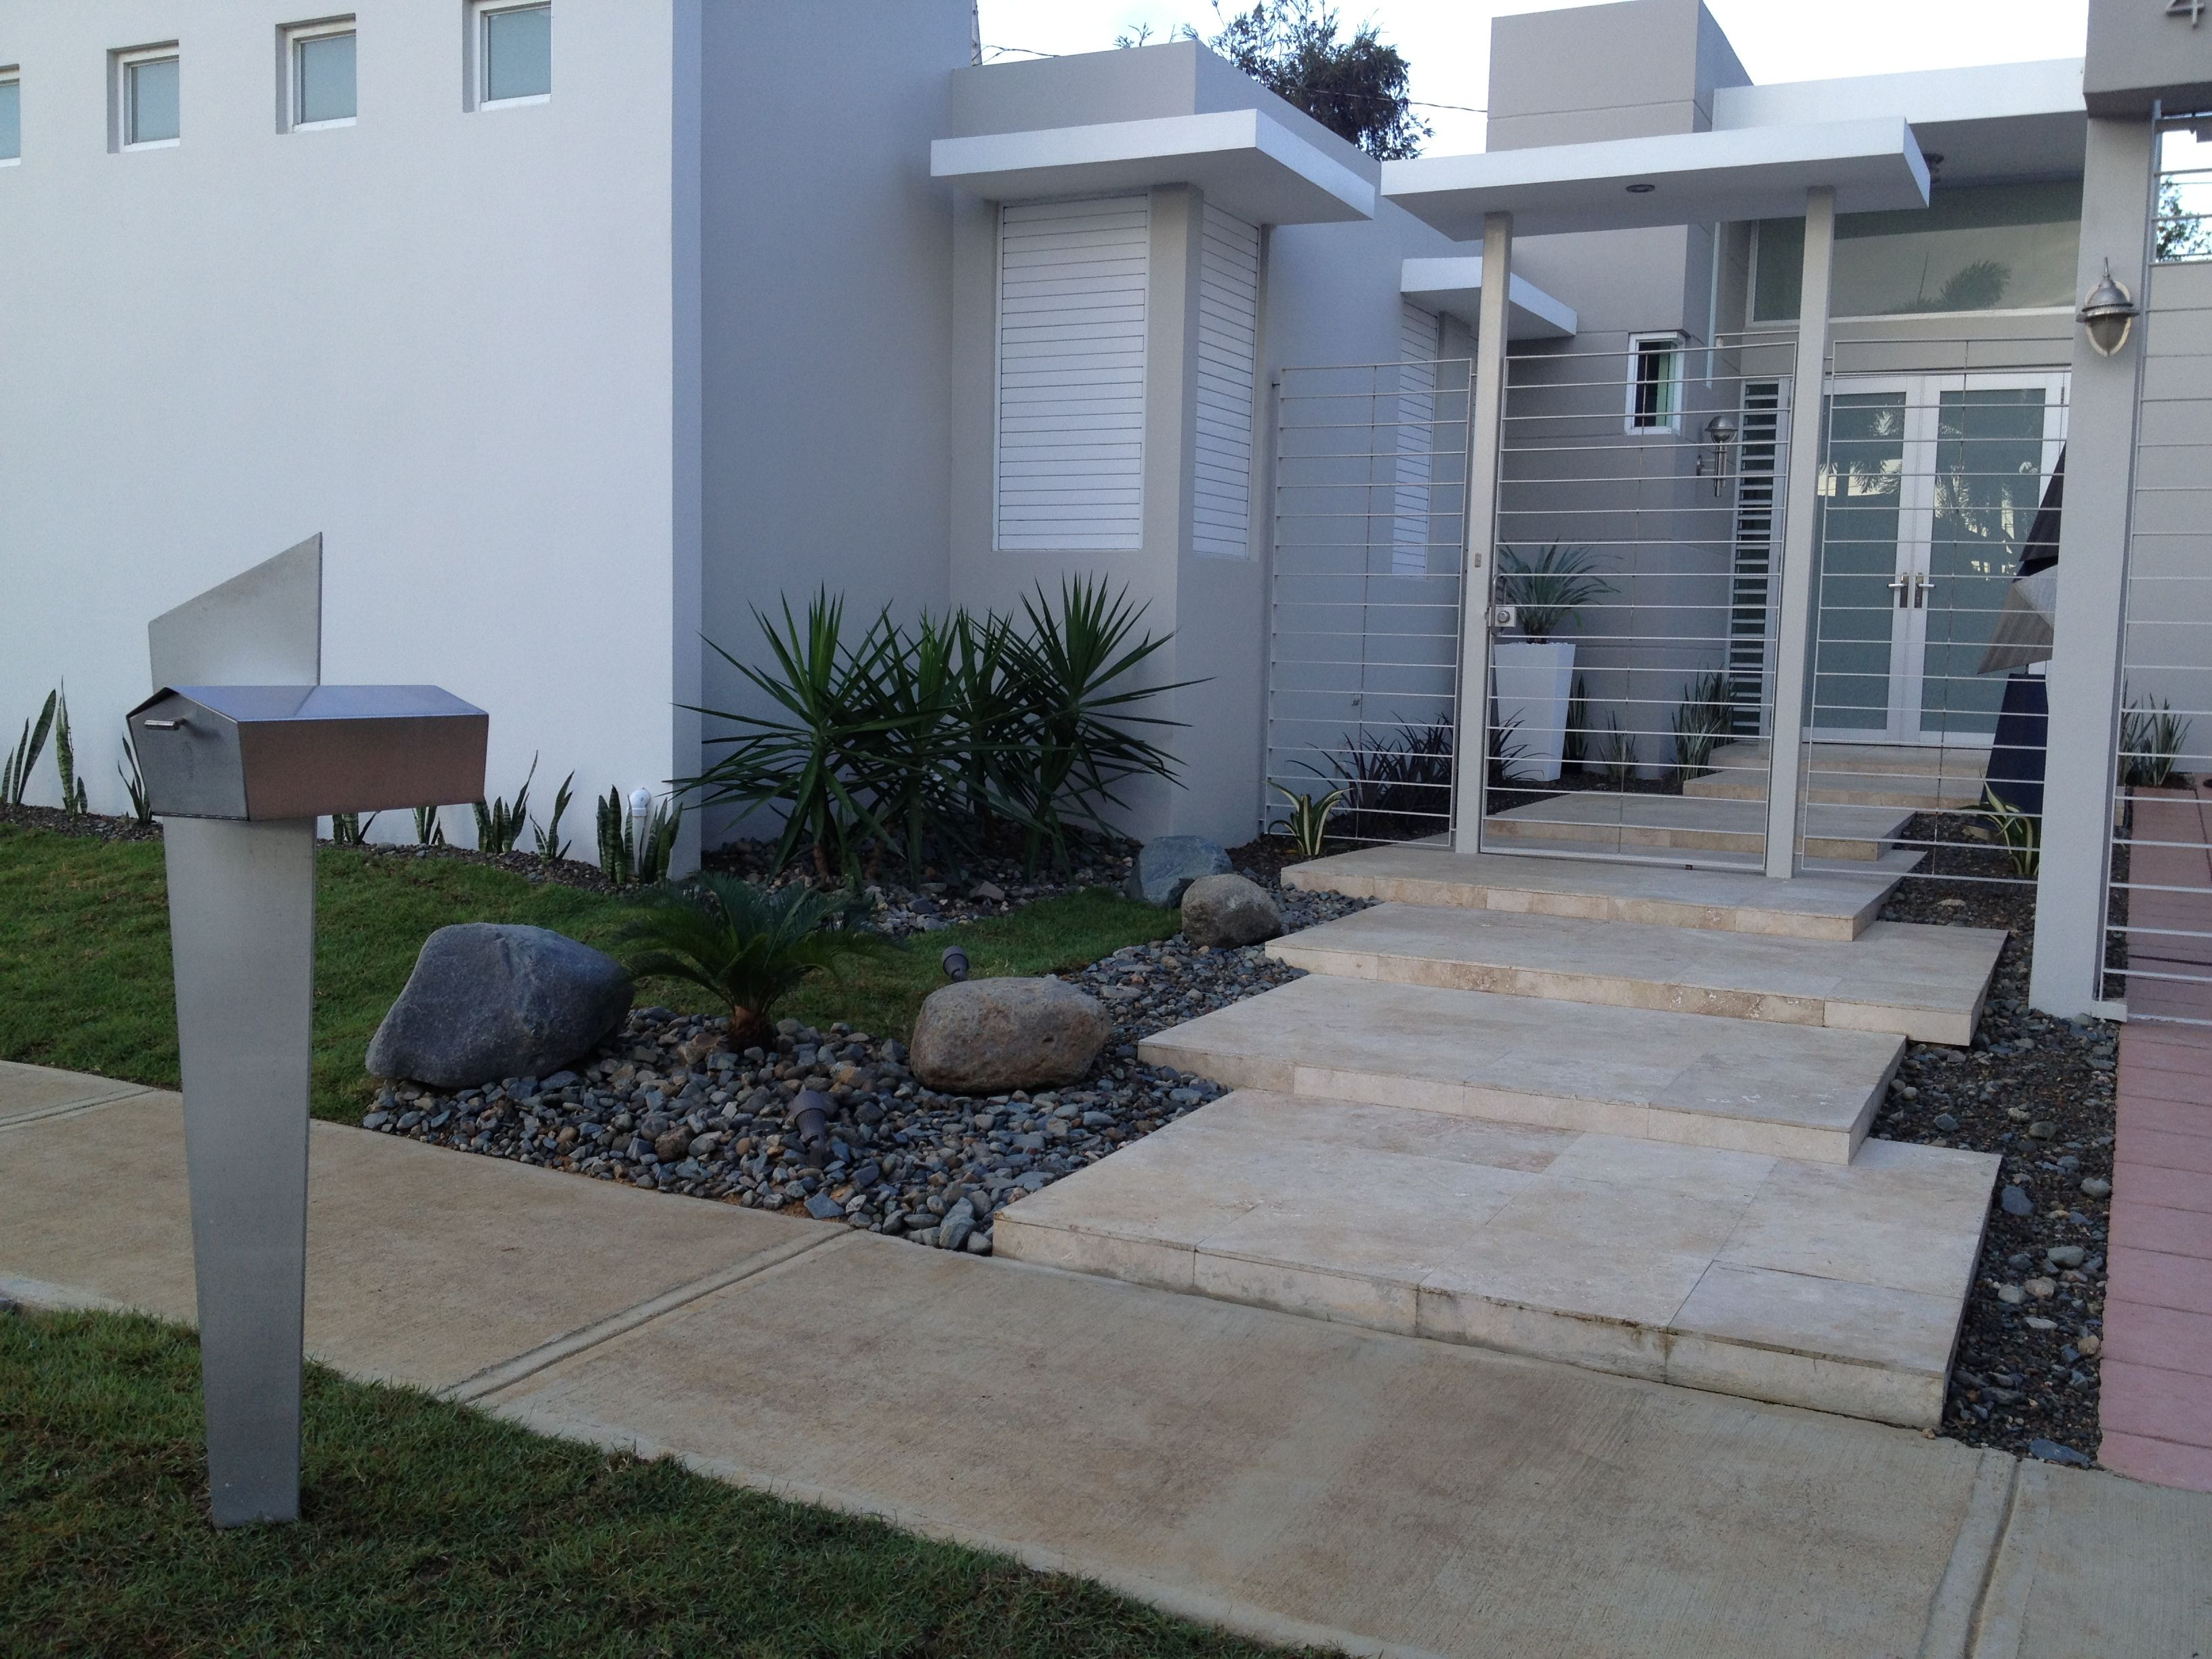 Jardin moderno garden irrigation serv pinterest - Jardines modernos ...